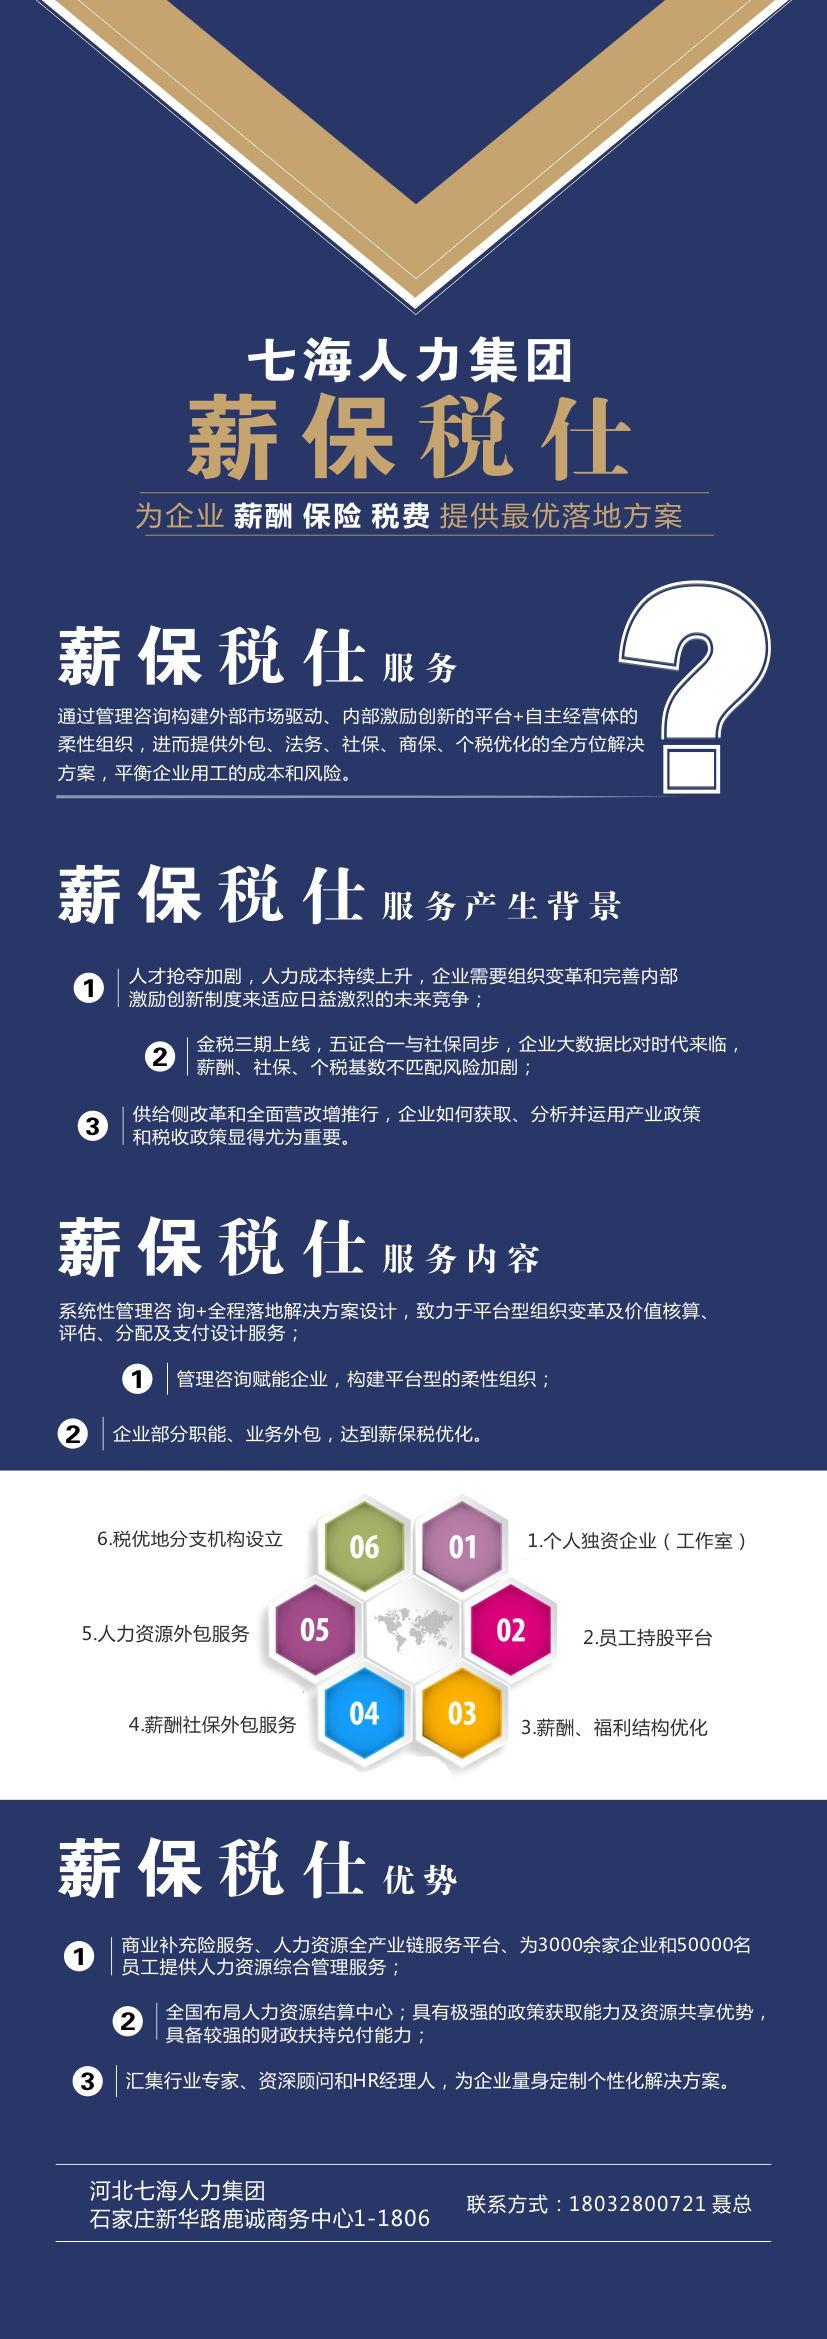 薪保税仕单页(修改)_看图王.jpg